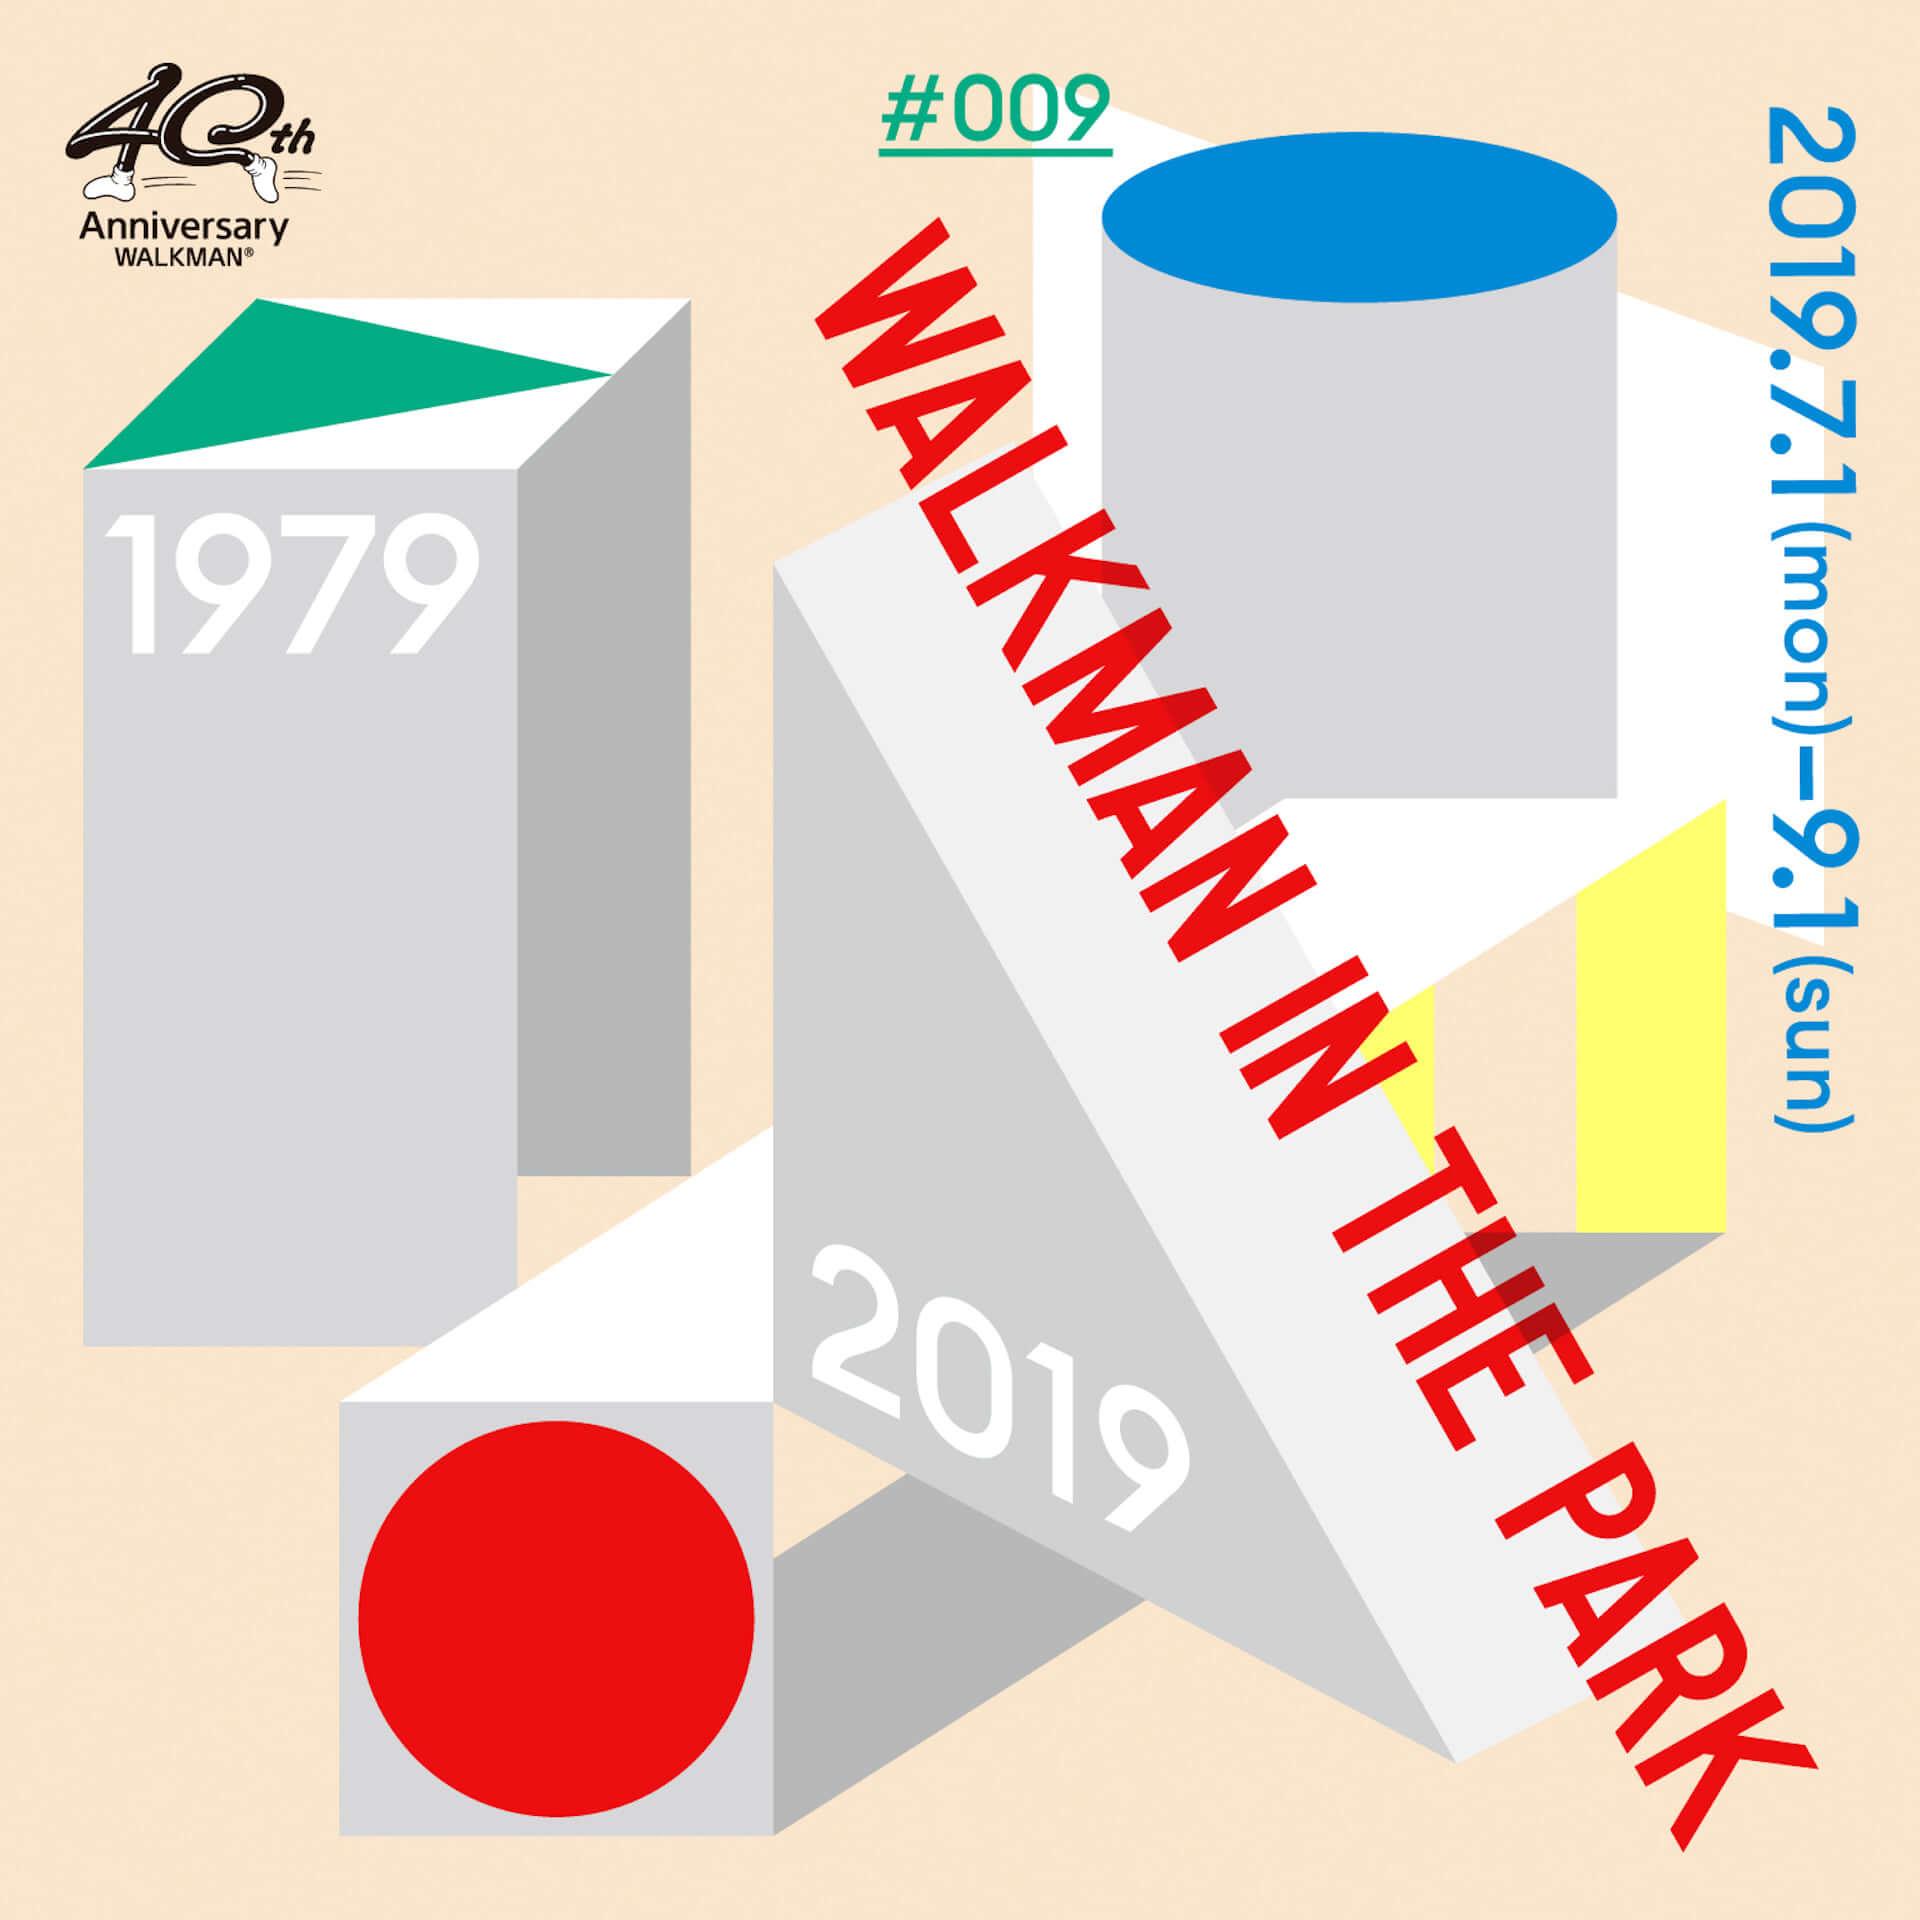 「音楽が歩き始めた日」から40年|ウォークマンが誕生から現在までをたどる<#009 WALKMAN IN THE PARK>が開催 tech190625_walkman_inthepark_1-1920x1920